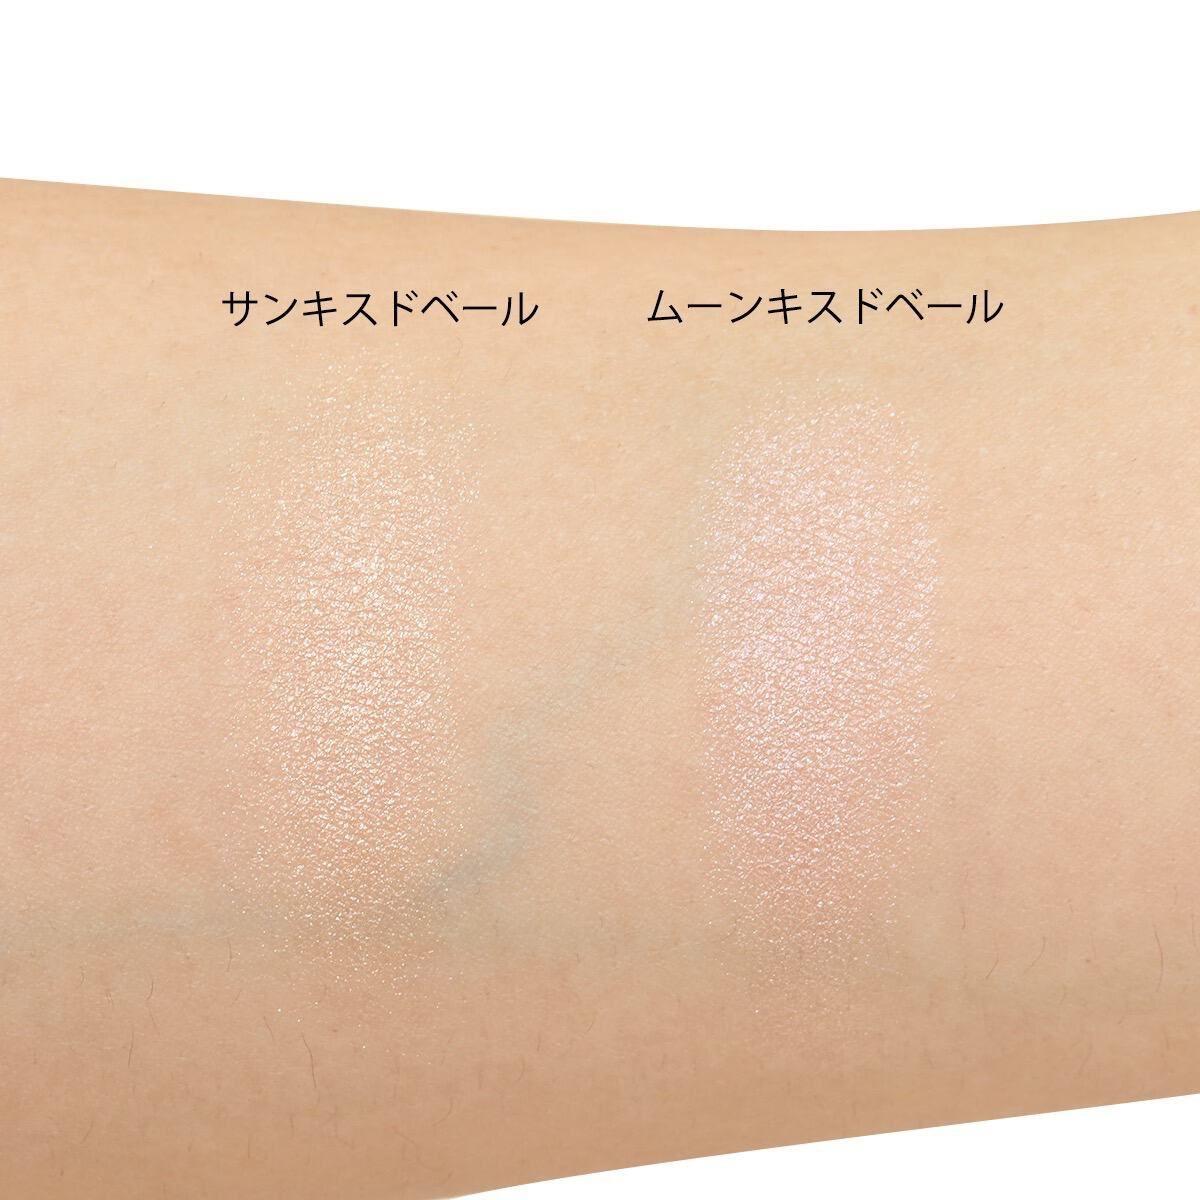 ロムアンドの人気アイテム♡ シースルーベールライター全2色を口コミ付きで紹介!の画像